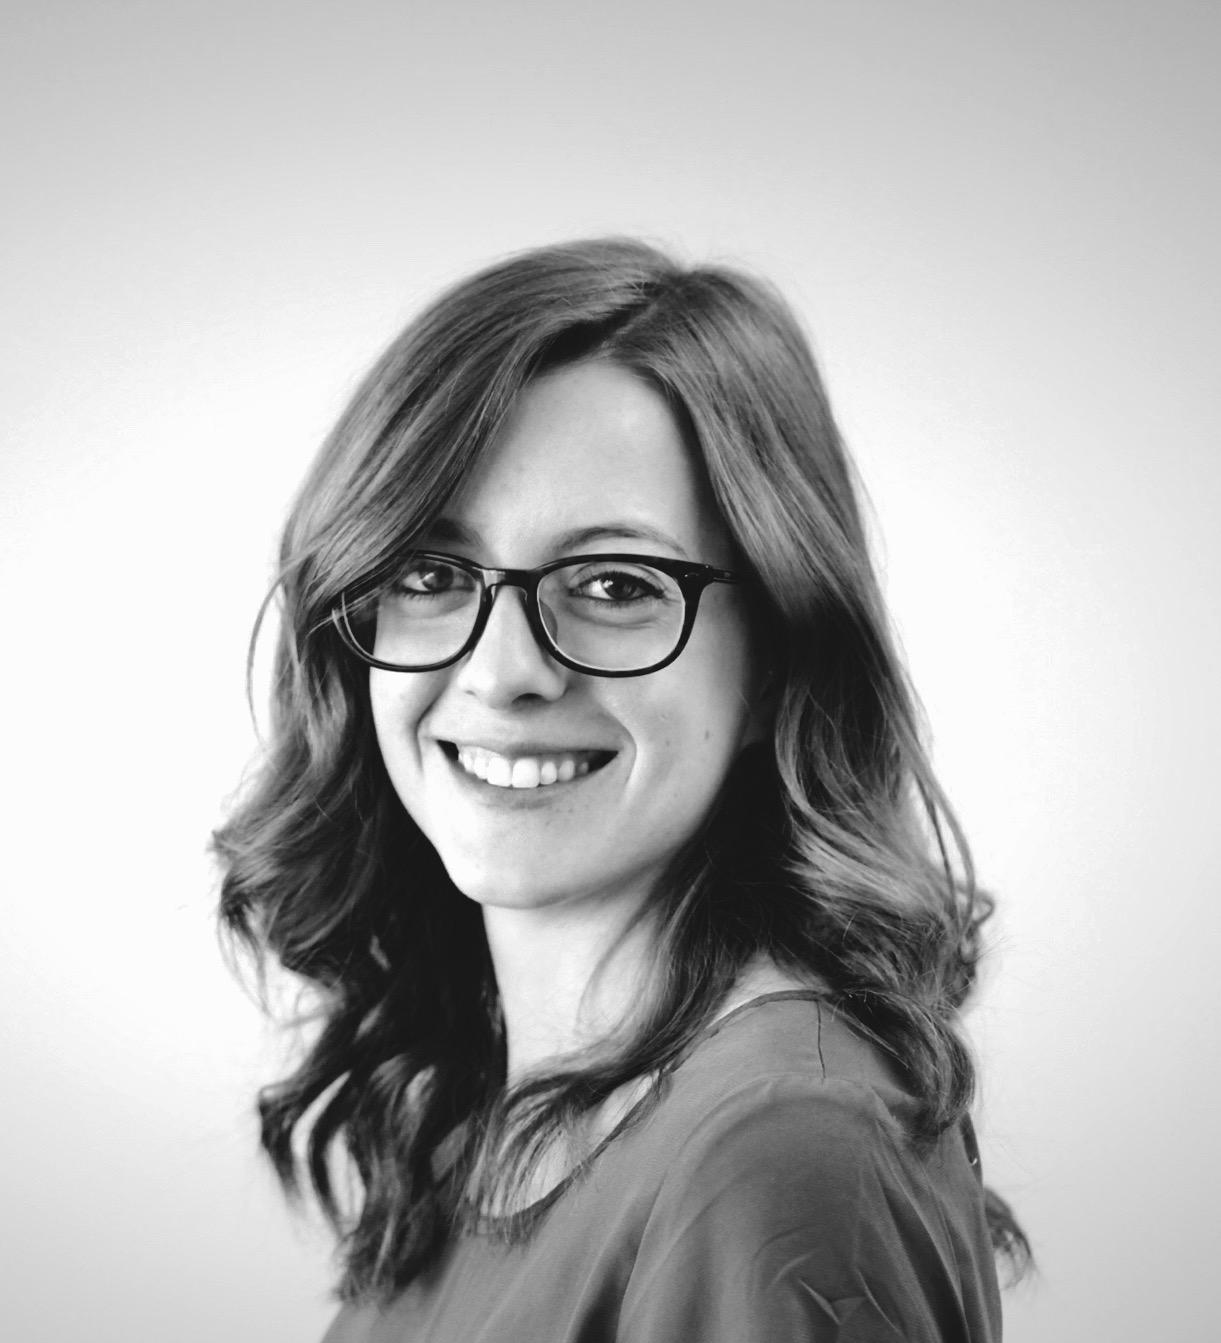 Emma Van Sant